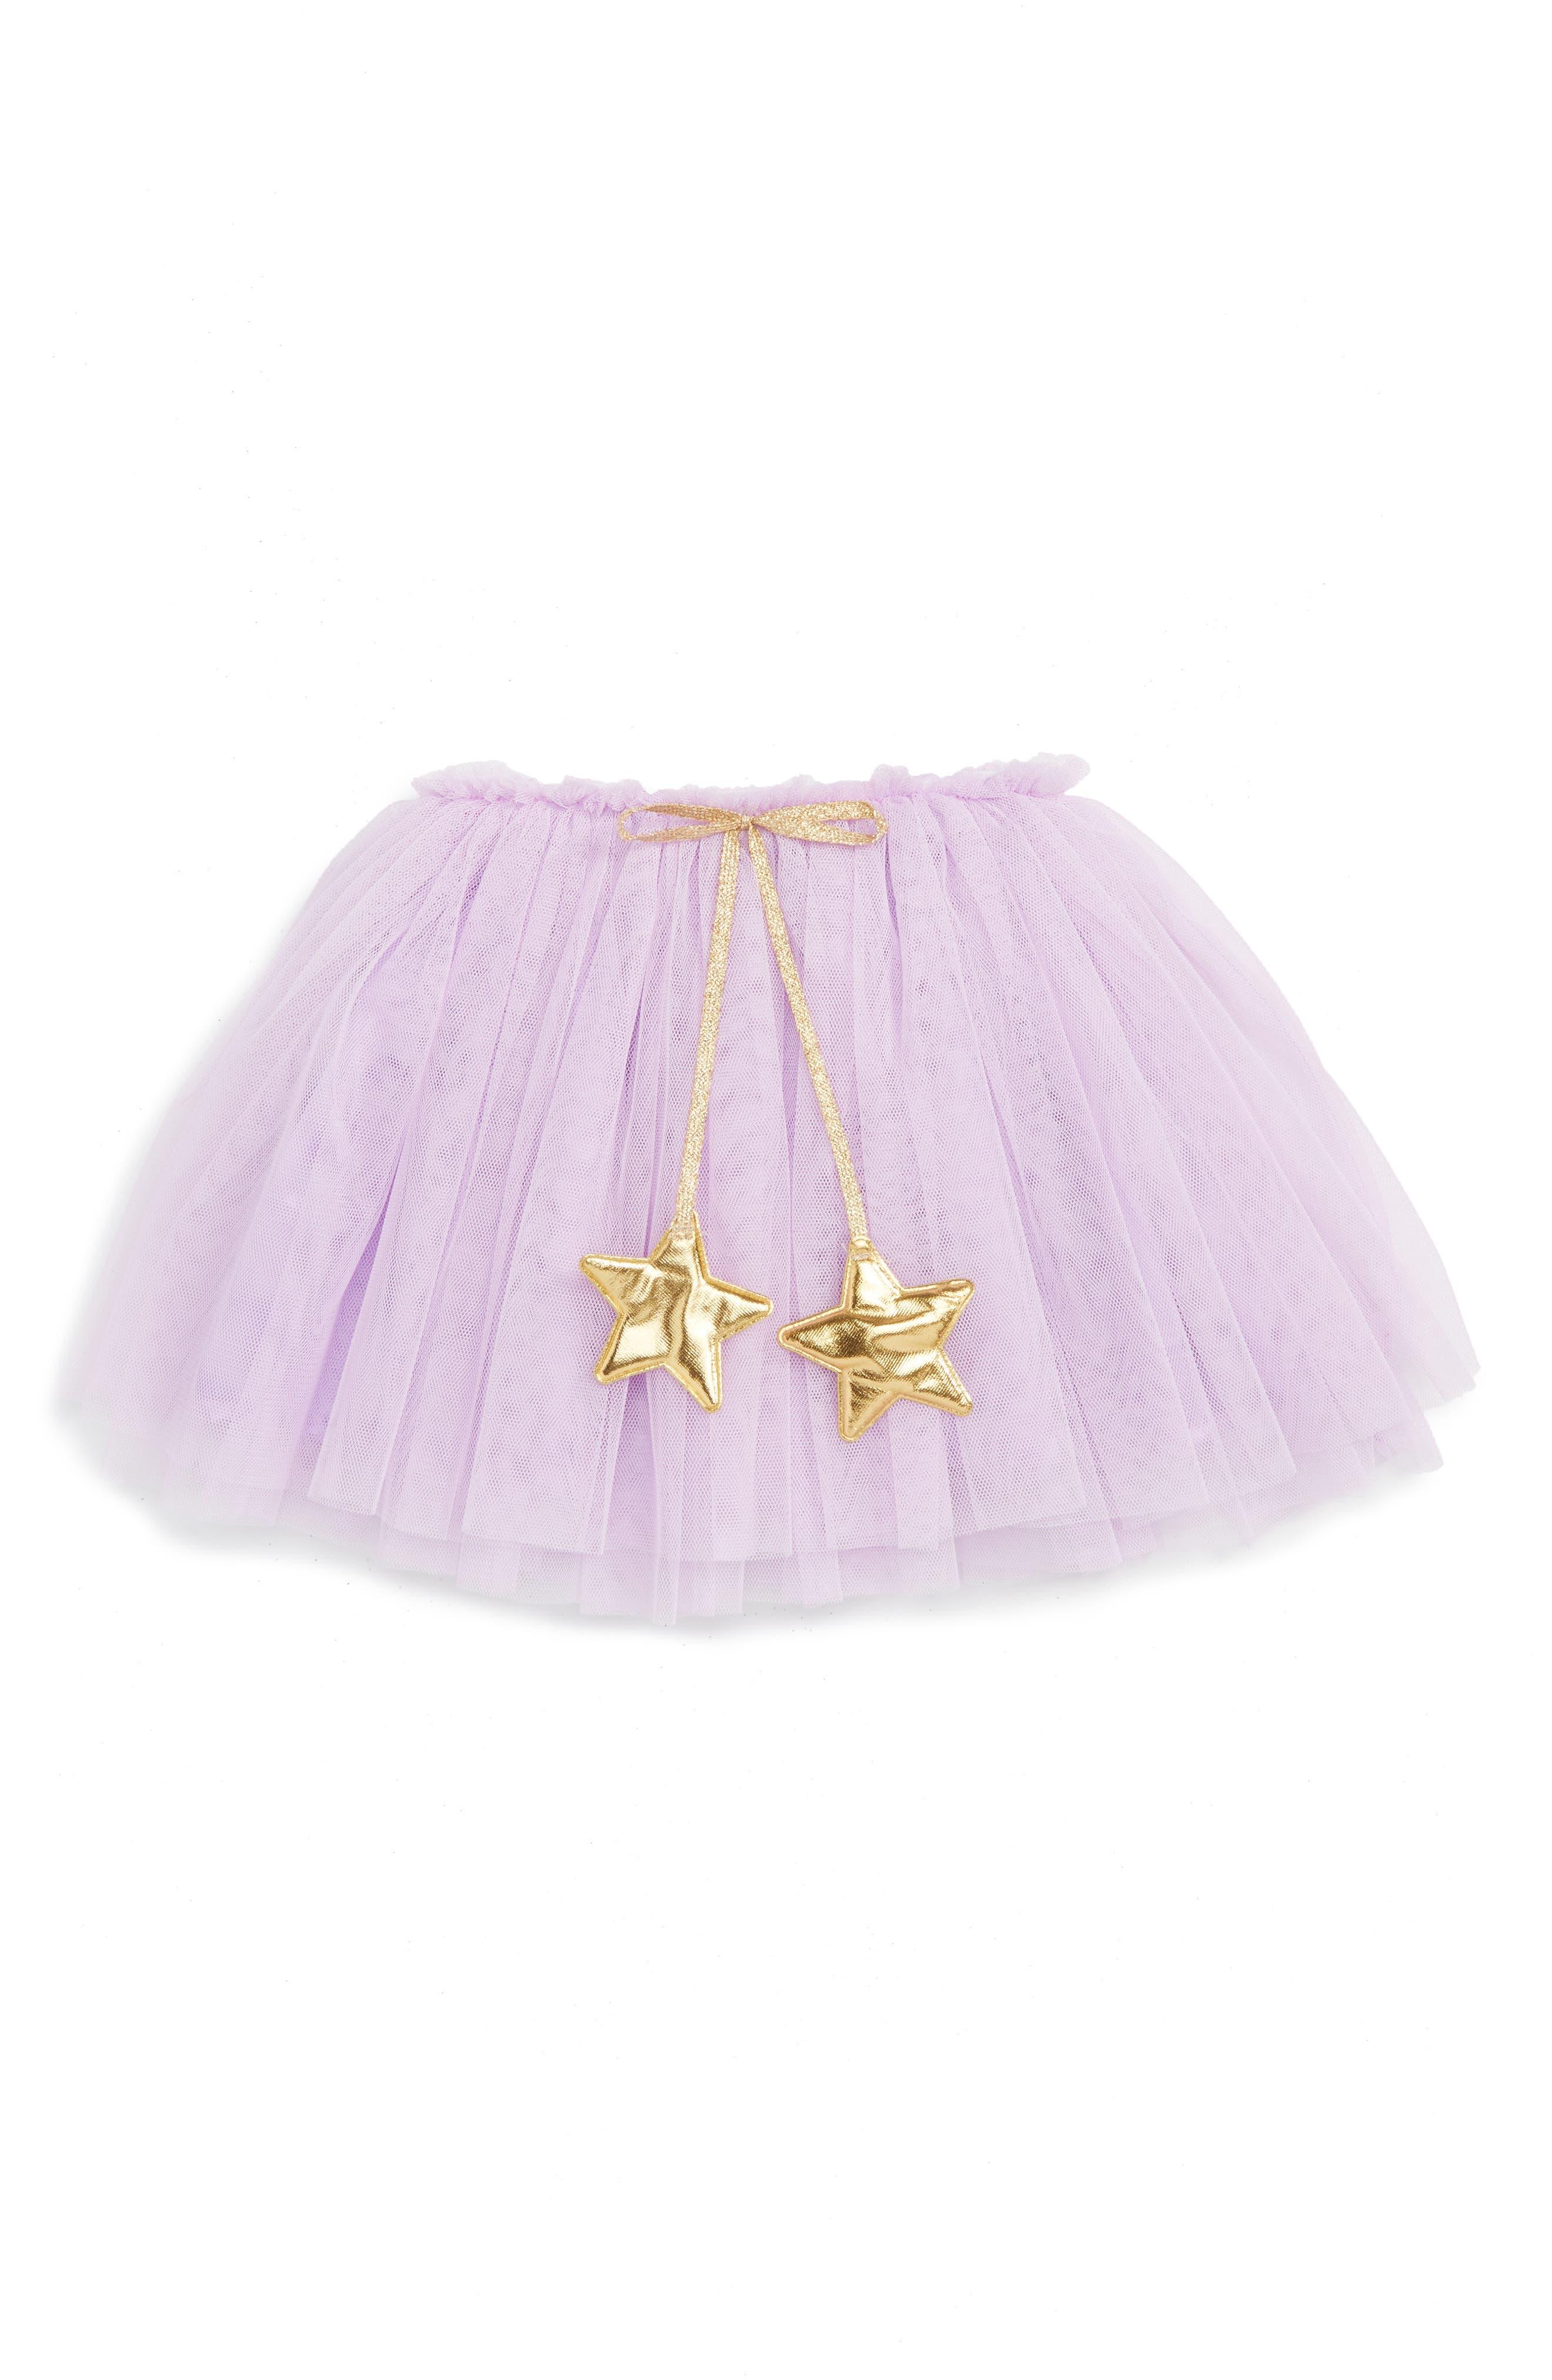 Gold Star Tutu Skirt,                             Main thumbnail 1, color,                             PURPLE